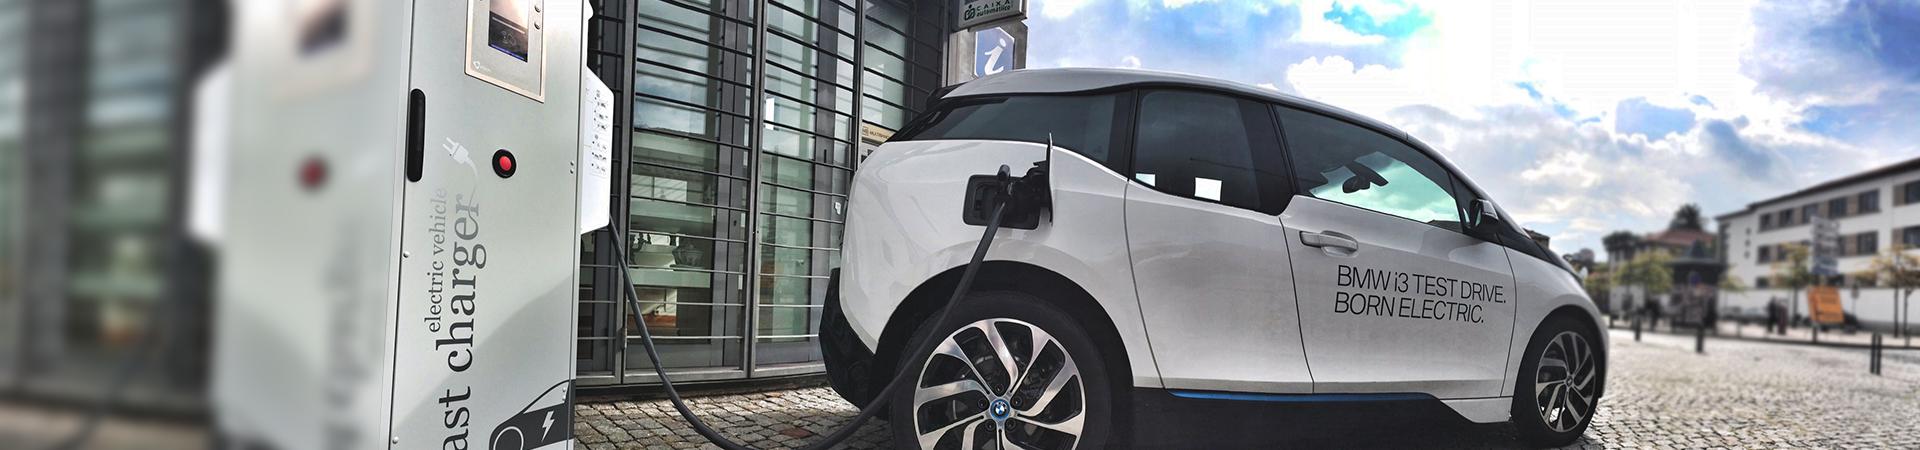 Carregador de Veiculos Electricos BMW